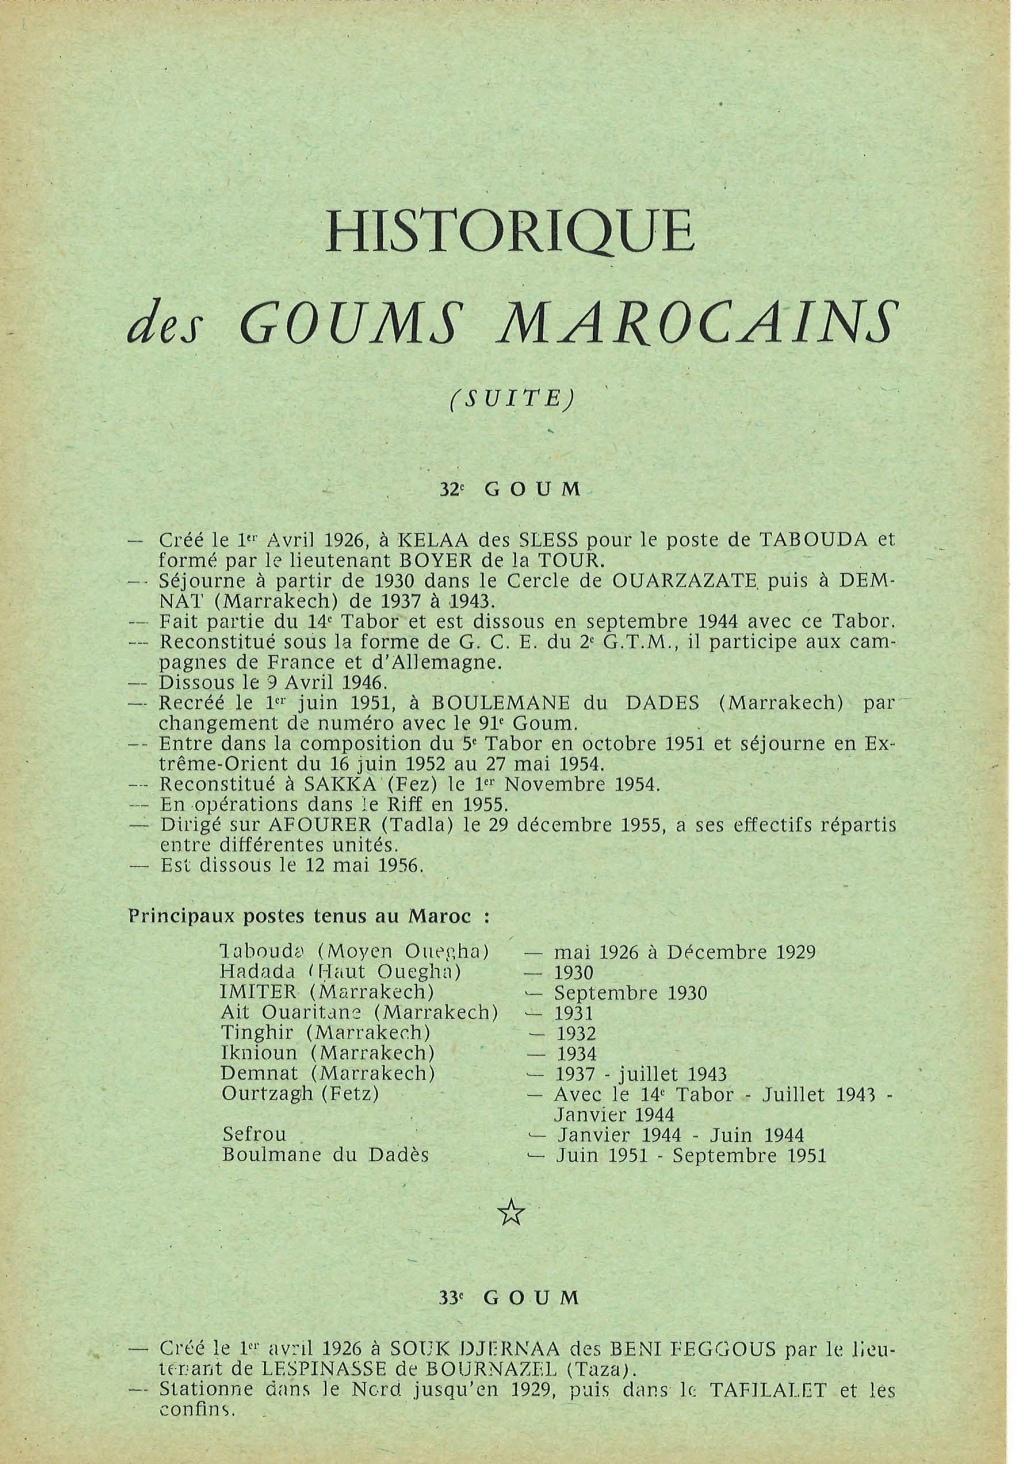 12 mai 1956 - Dissolution des Goumiers & integration aux FAR La_kou23